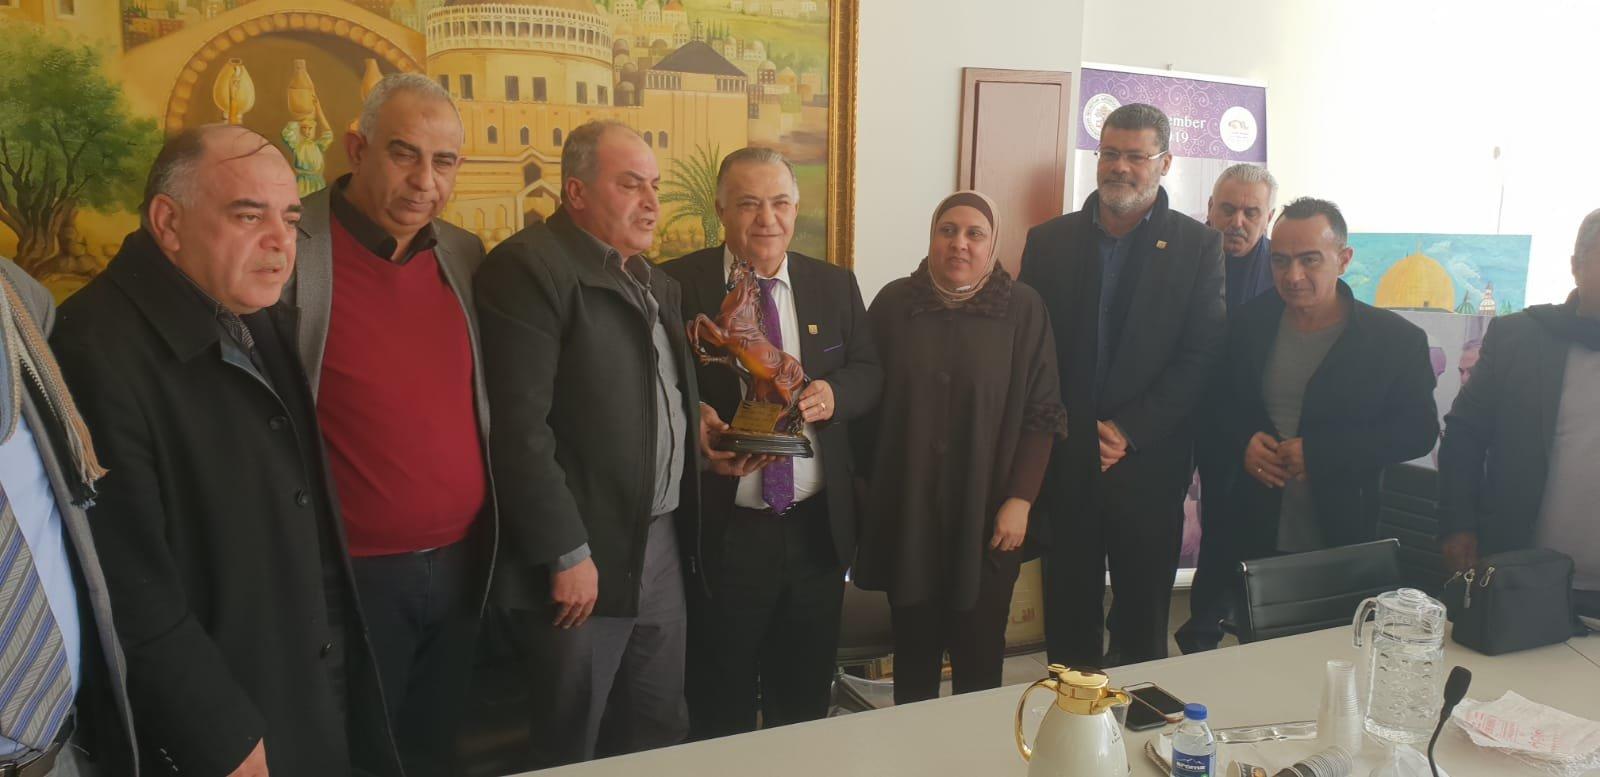 رئيس بلدية جنين فايز السعدي وأعضاء بلدية يزورون بلدية الناصرة-2